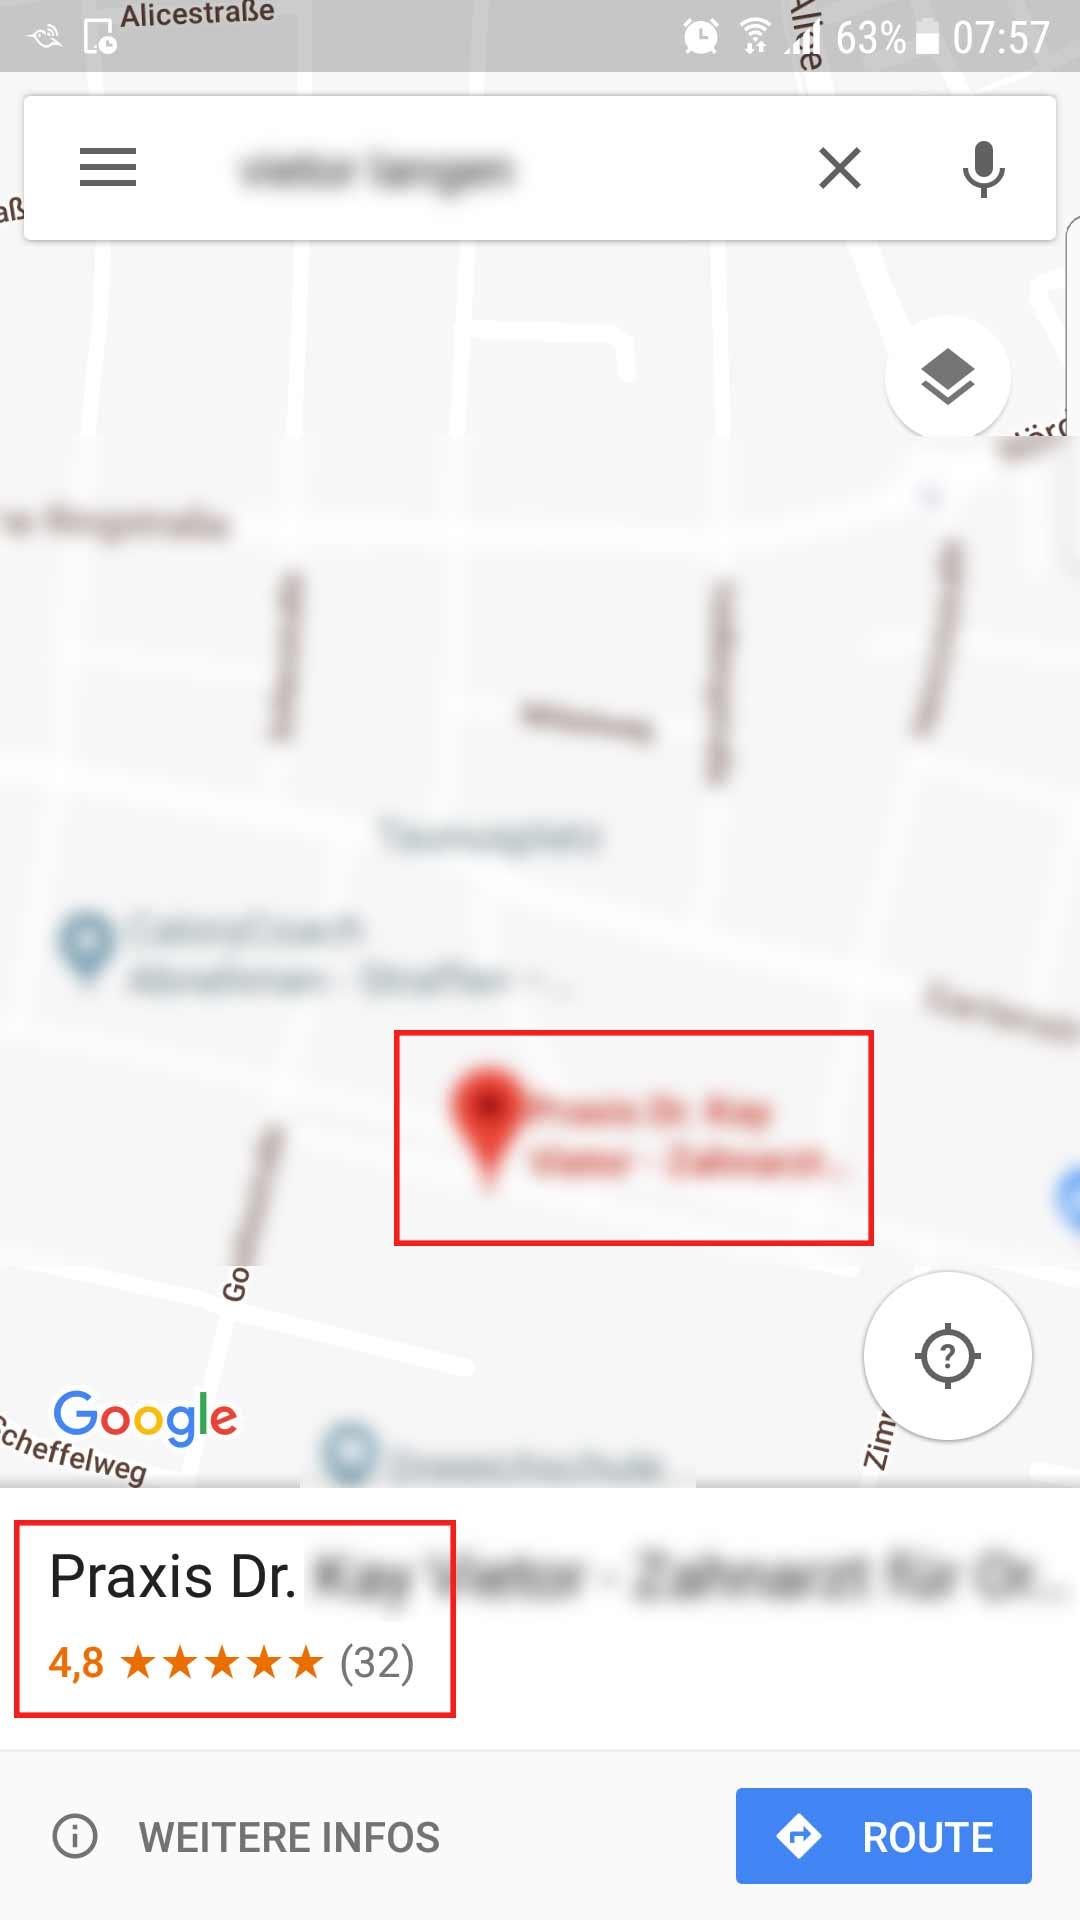 Für die schnelle Suche unterwegs dienen Navigationssysteme, die oft auf Basis von Google Maps funktionieren. Neben den Praxisinformationen wird der Nutzer über den Bewertungsstand informiert und somit werden auch eventuell vorhandene negative Bewertungen angezeigt.